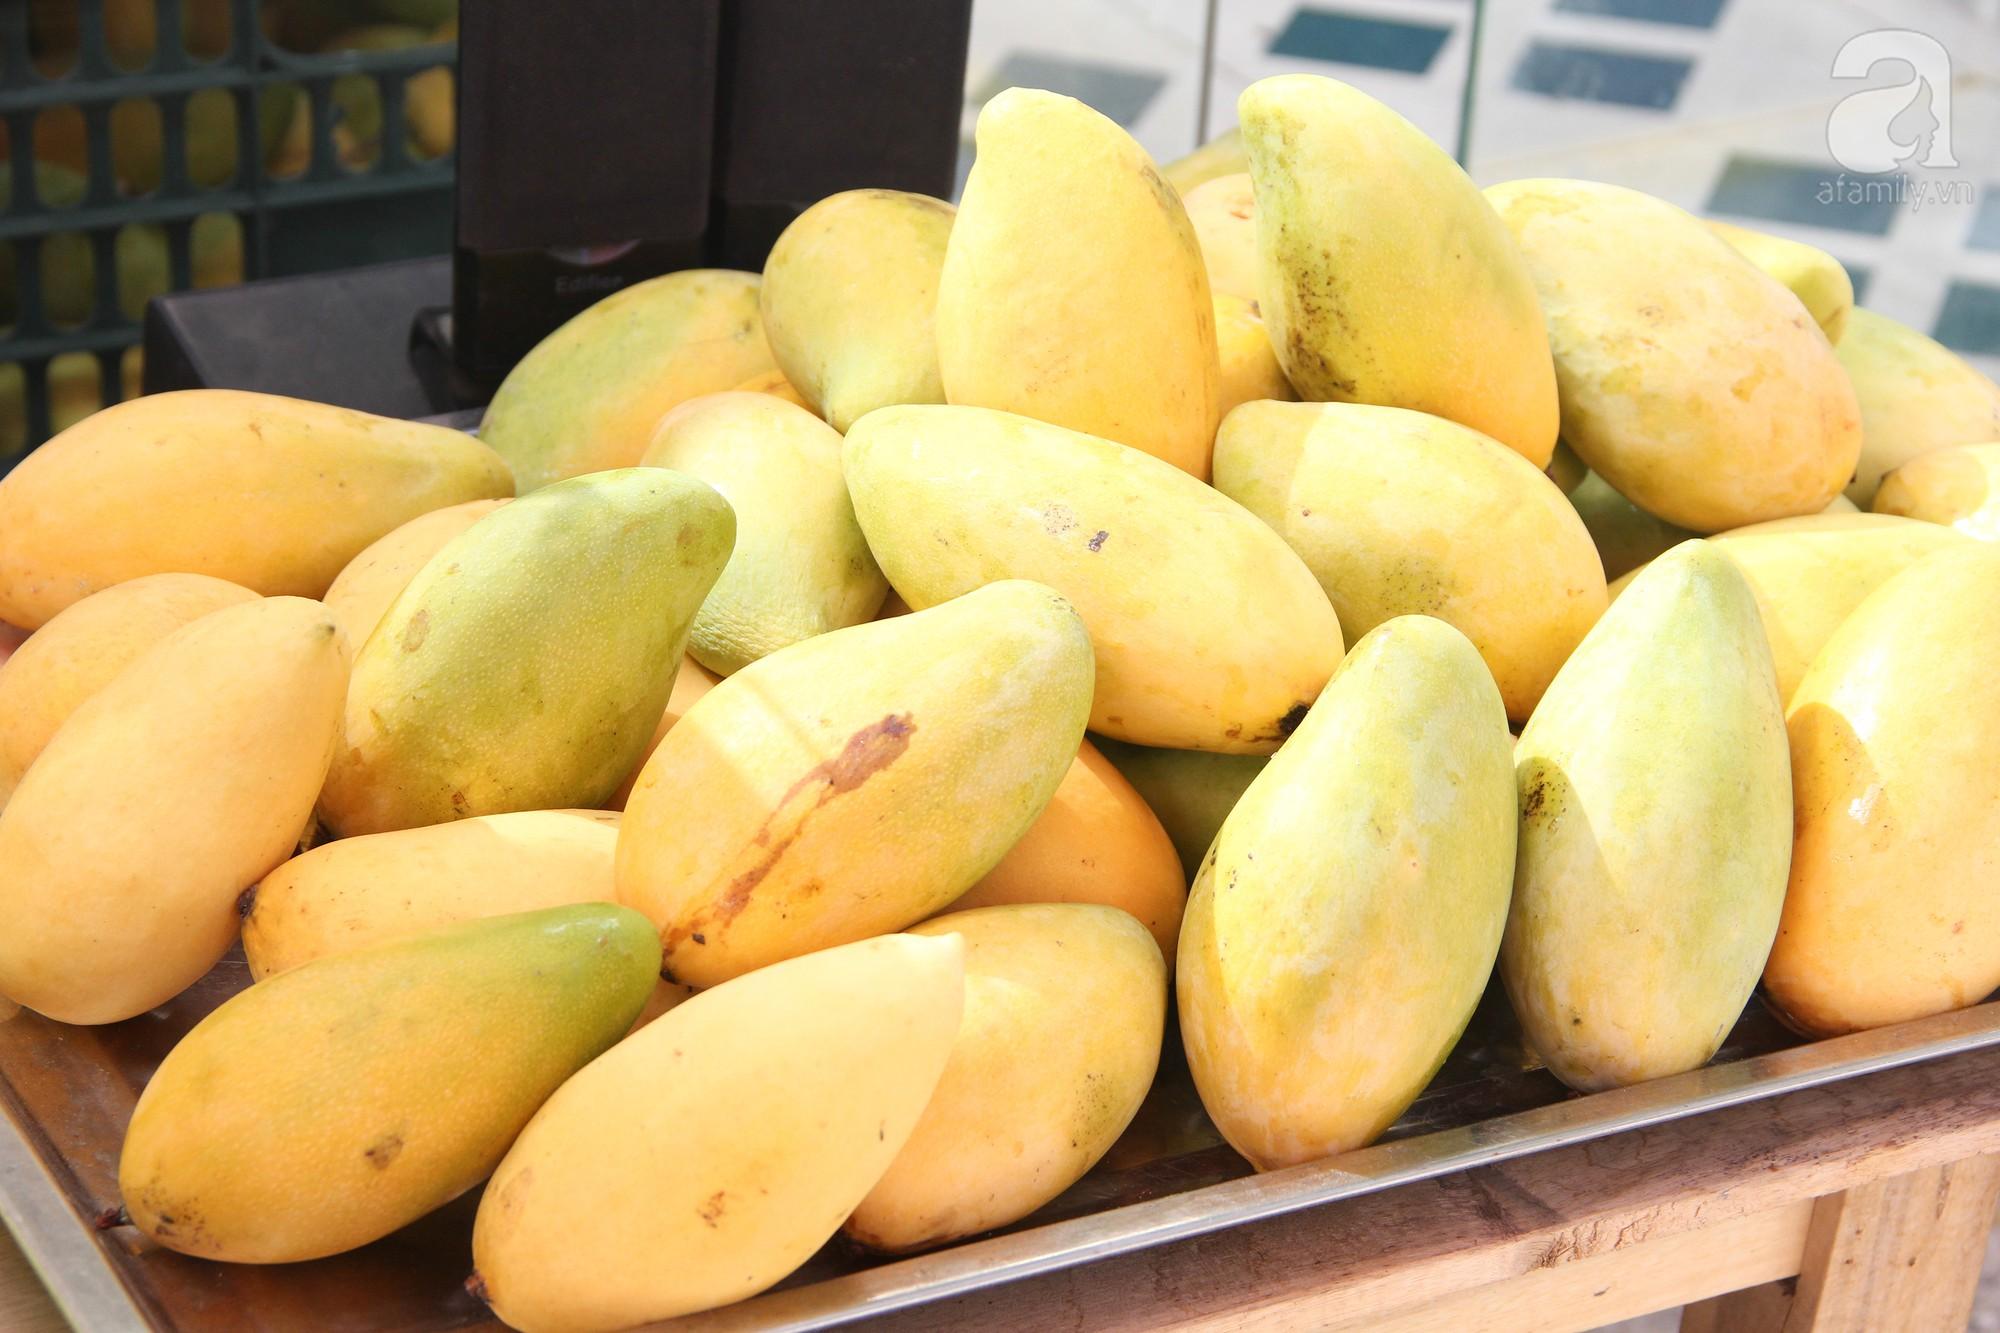 5 quán nước ép trái cây nguyên chất ngon, có dịch vụ giao hàng tận nơi cho những ngày Hà Nội nóng như đổ lửa  - Ảnh 13.